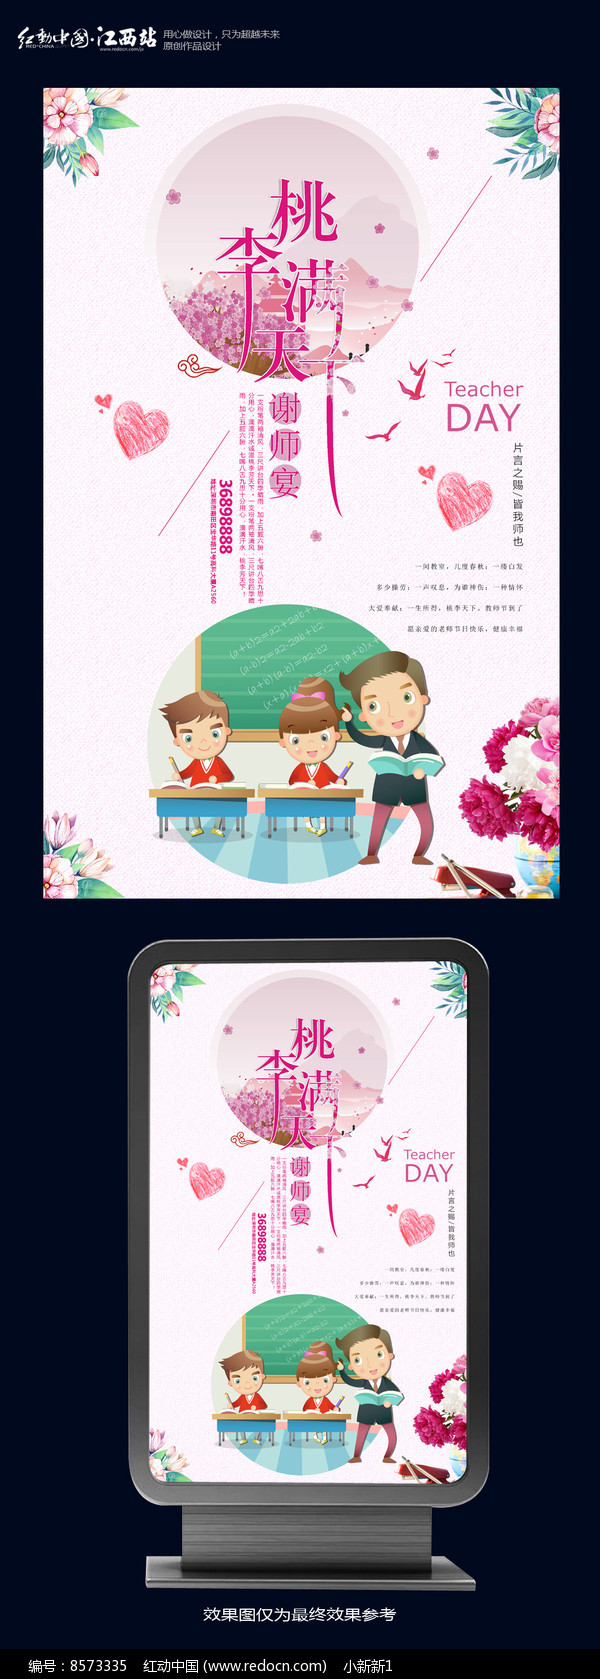 清新大气谢师宴创意海报设计图片